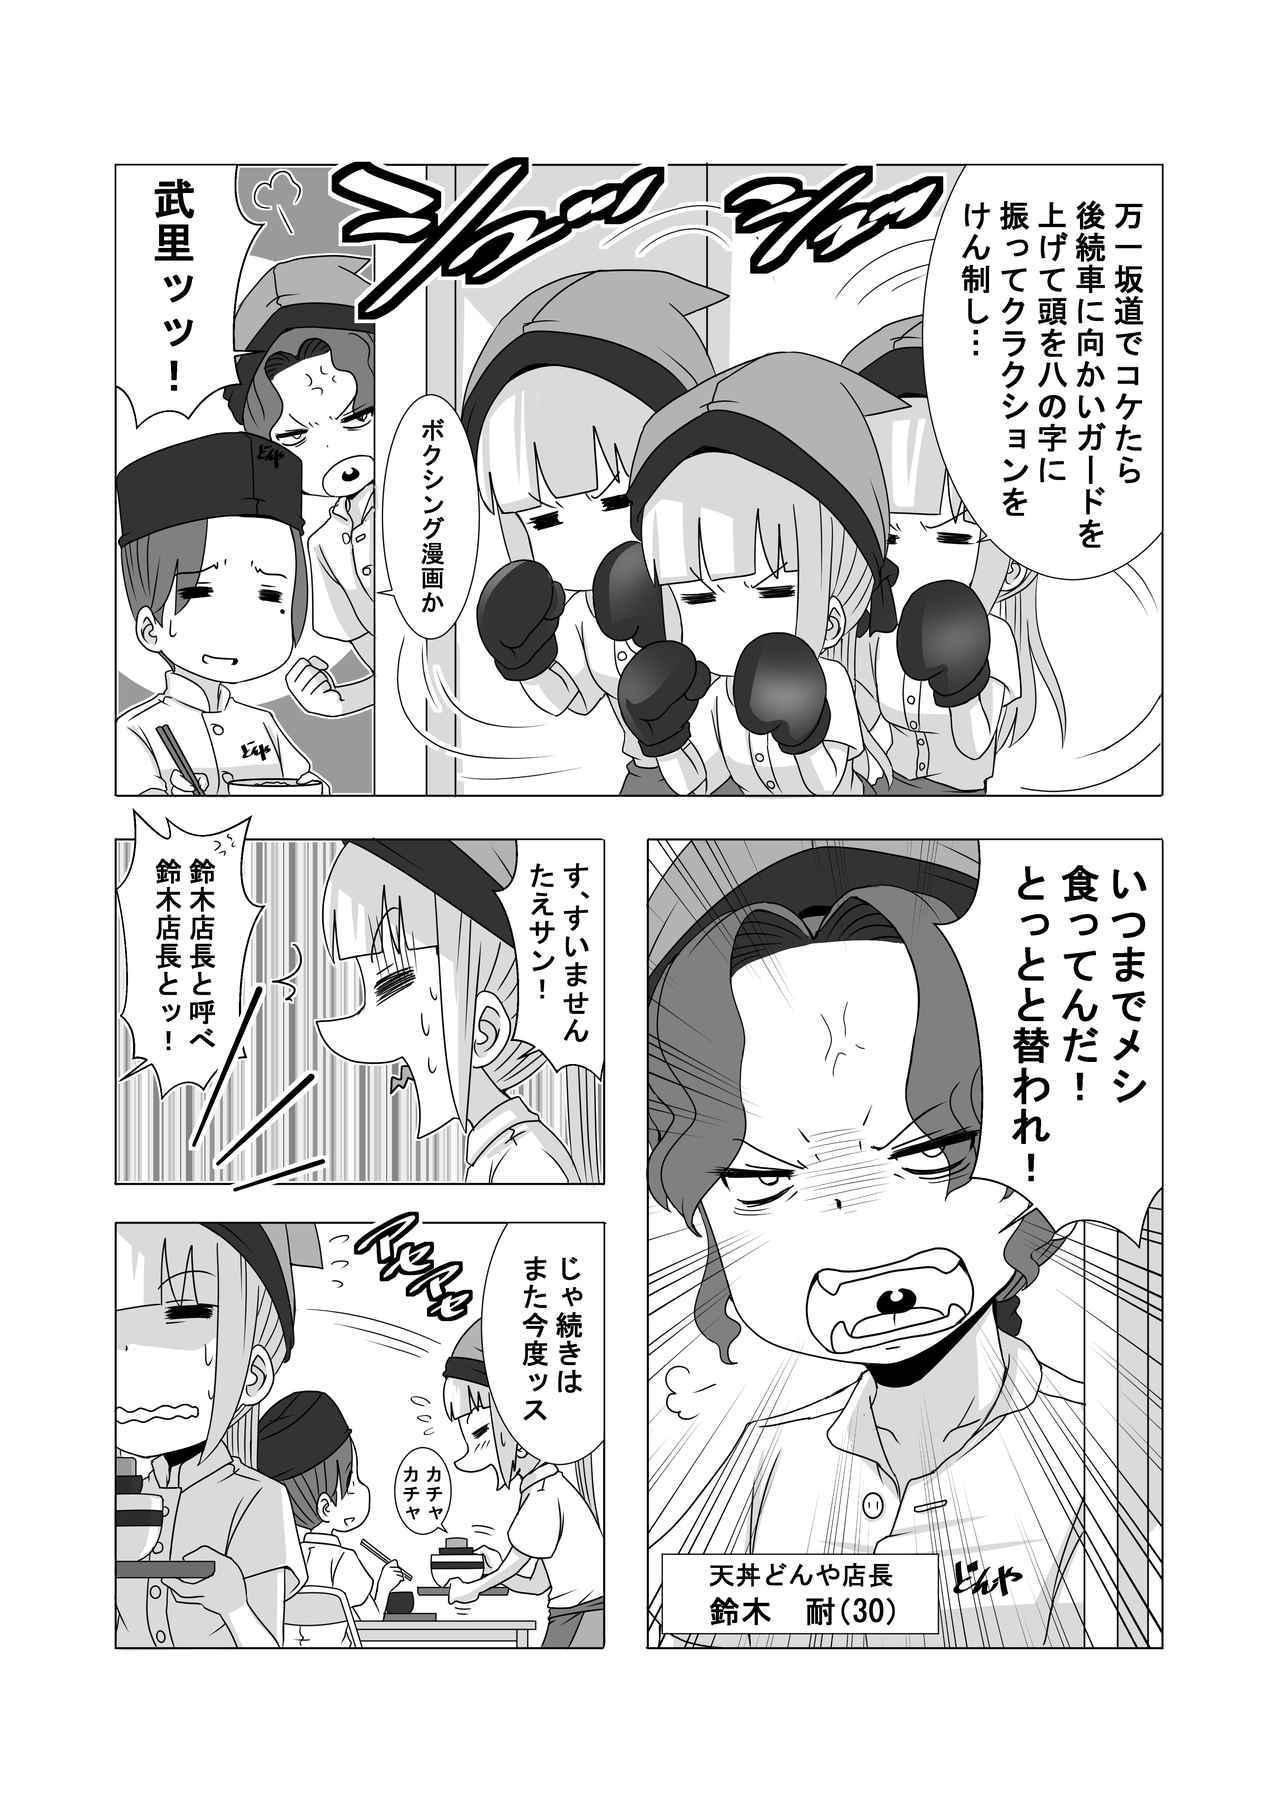 画像6: 【連載】馬場郁子がこよなくバイクを愛す理由(第十三話:イモと呼ばれるワケ)作:鈴木秀吉